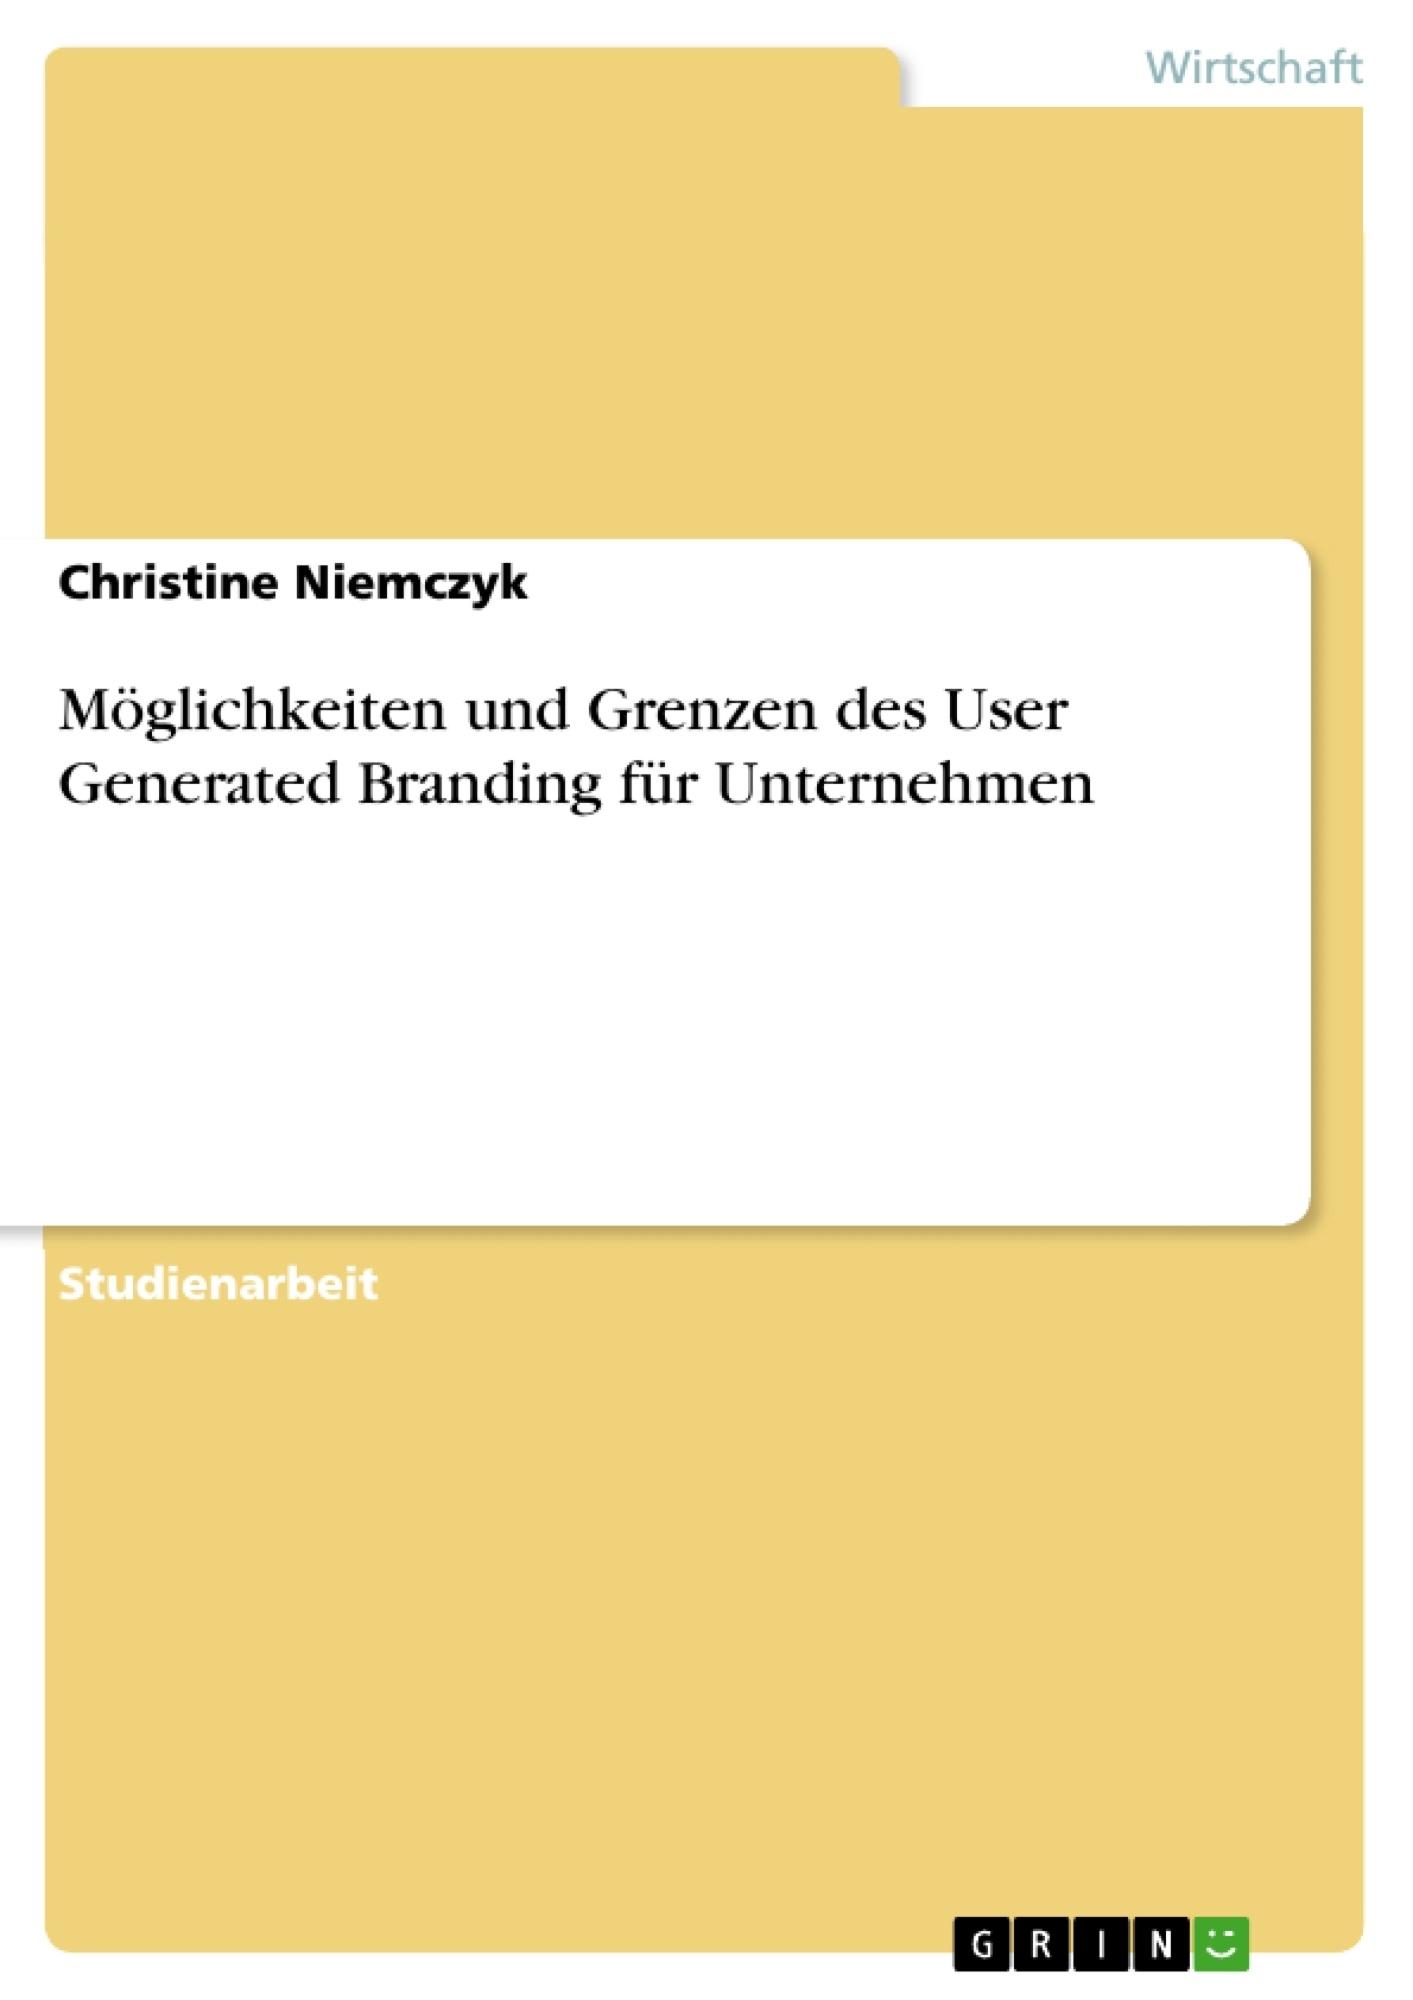 Titel: Möglichkeiten und Grenzen des User Generated Branding für Unternehmen